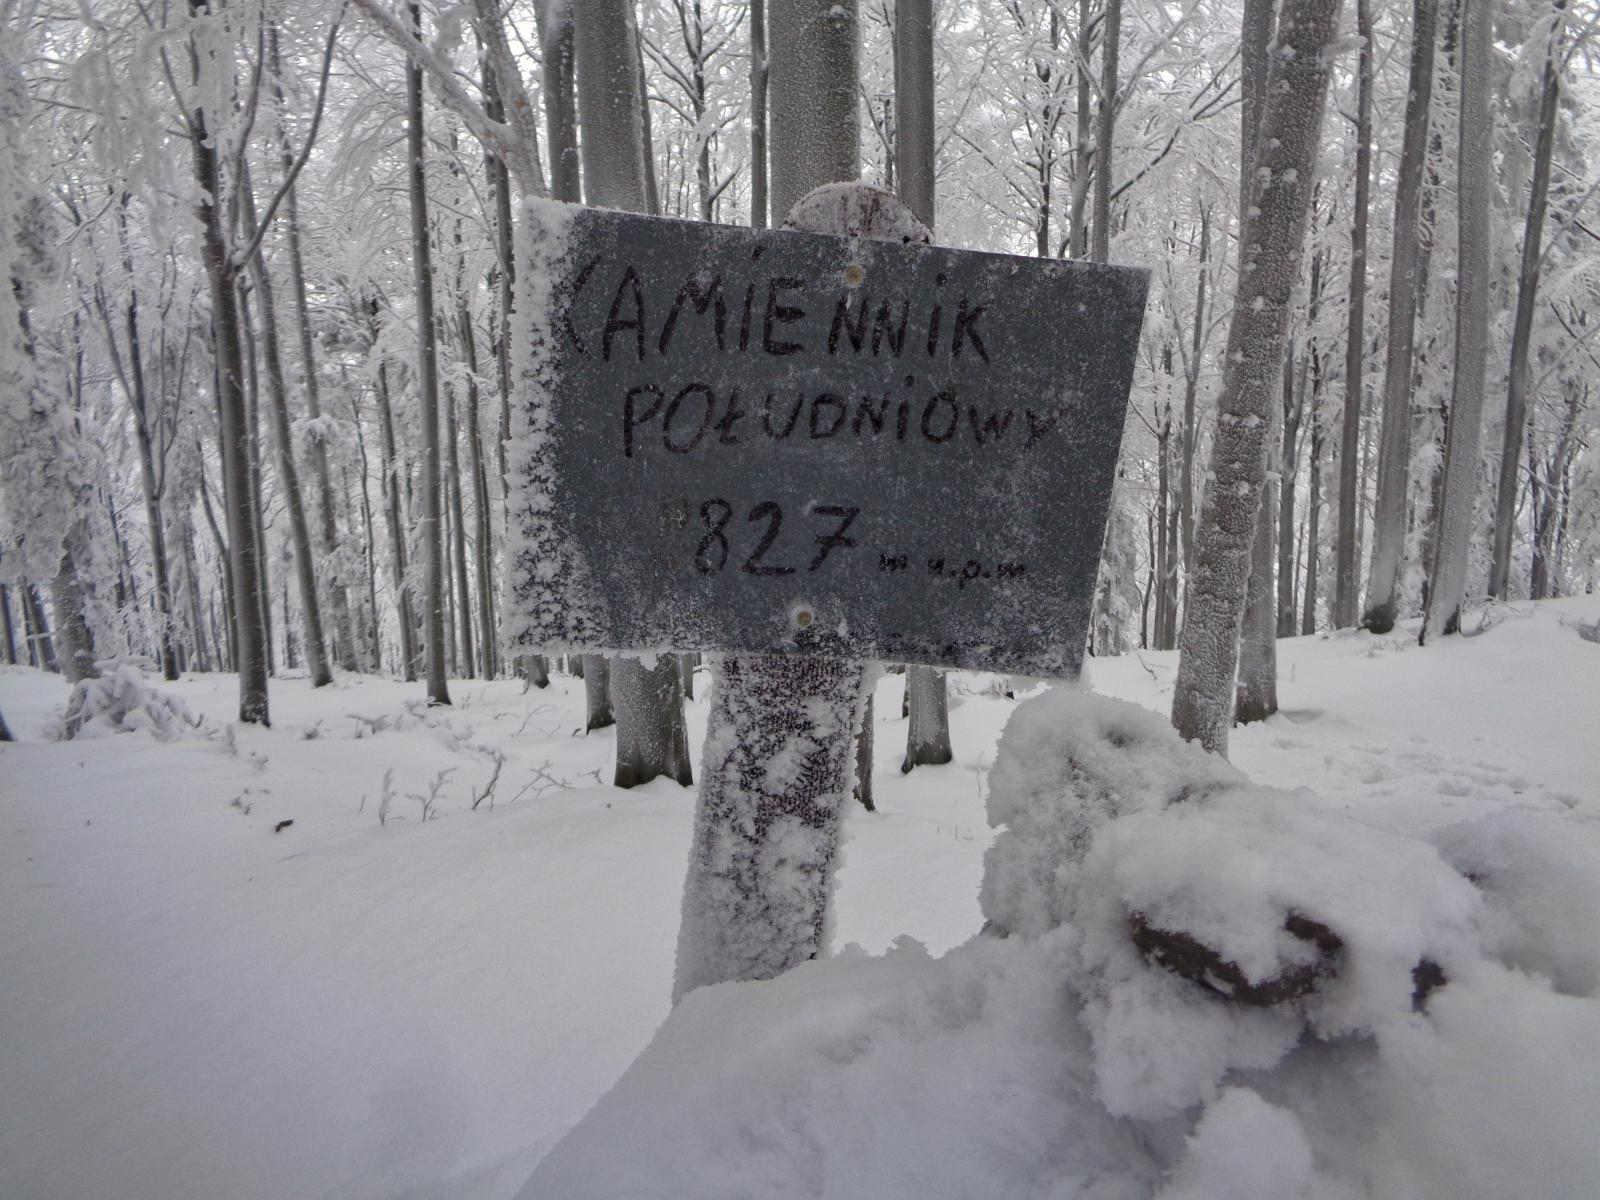 Kamiennik w zimie